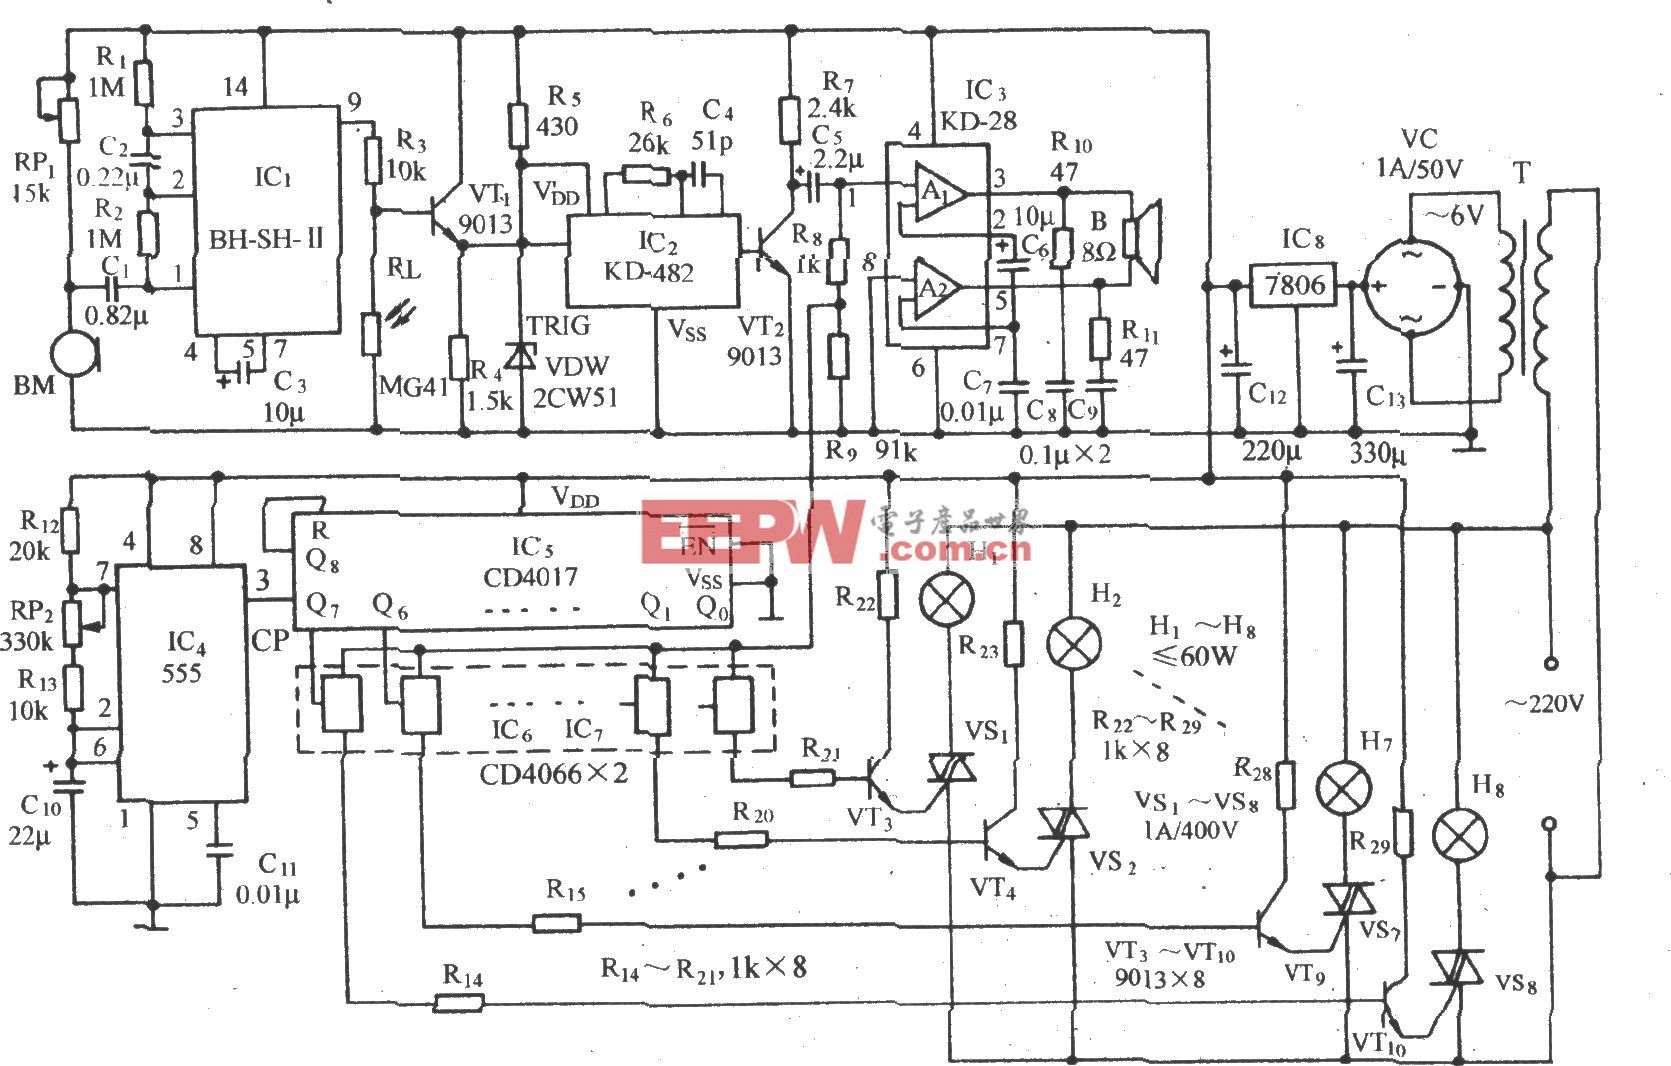 声光双控八路彩灯伴12首乐曲发声电路(BH-SH-II)